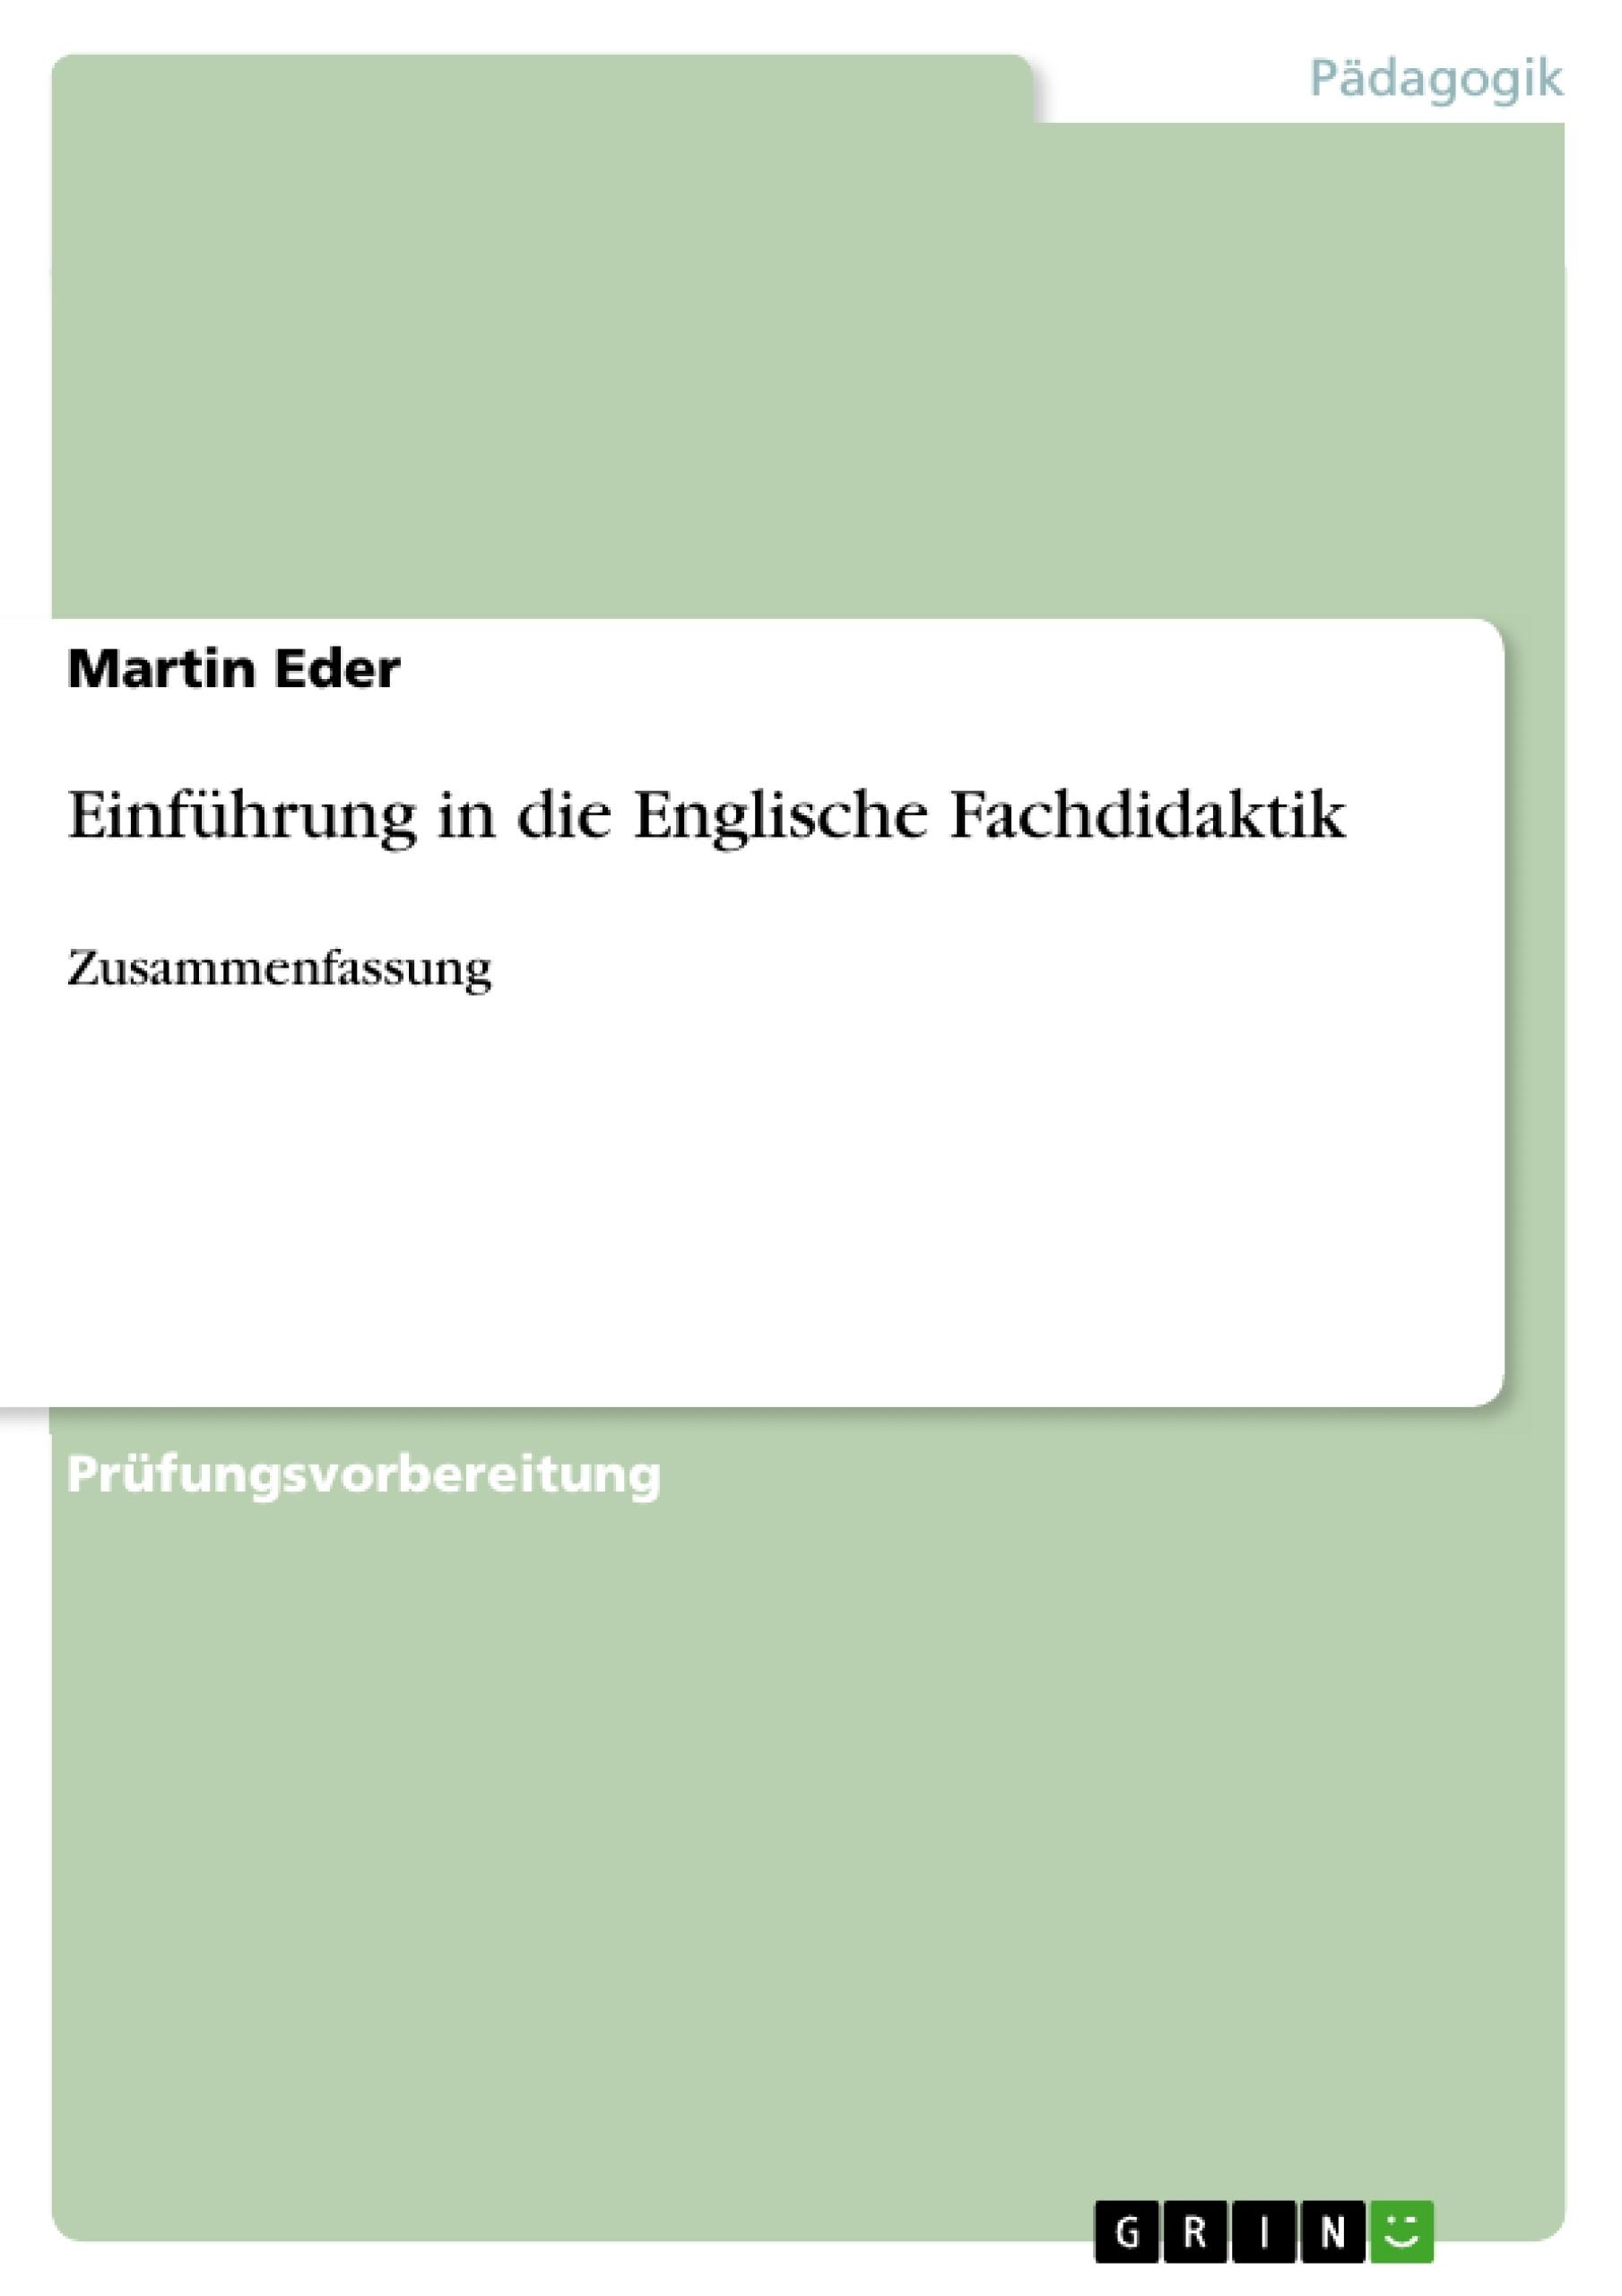 Titel: Einführung in die Englische Fachdidaktik